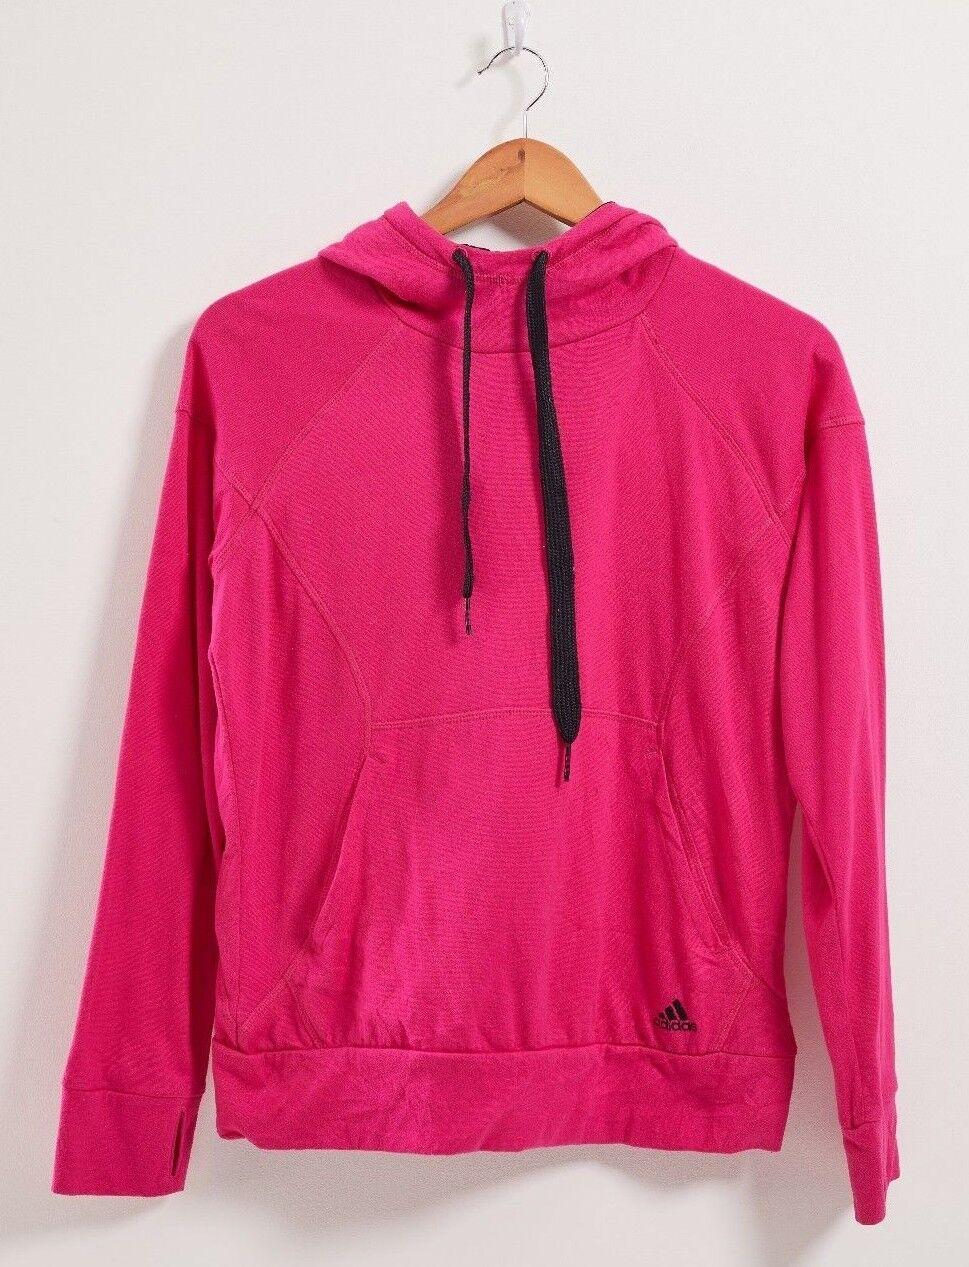 Adidas női kapucnis rózsaszínű poliészter